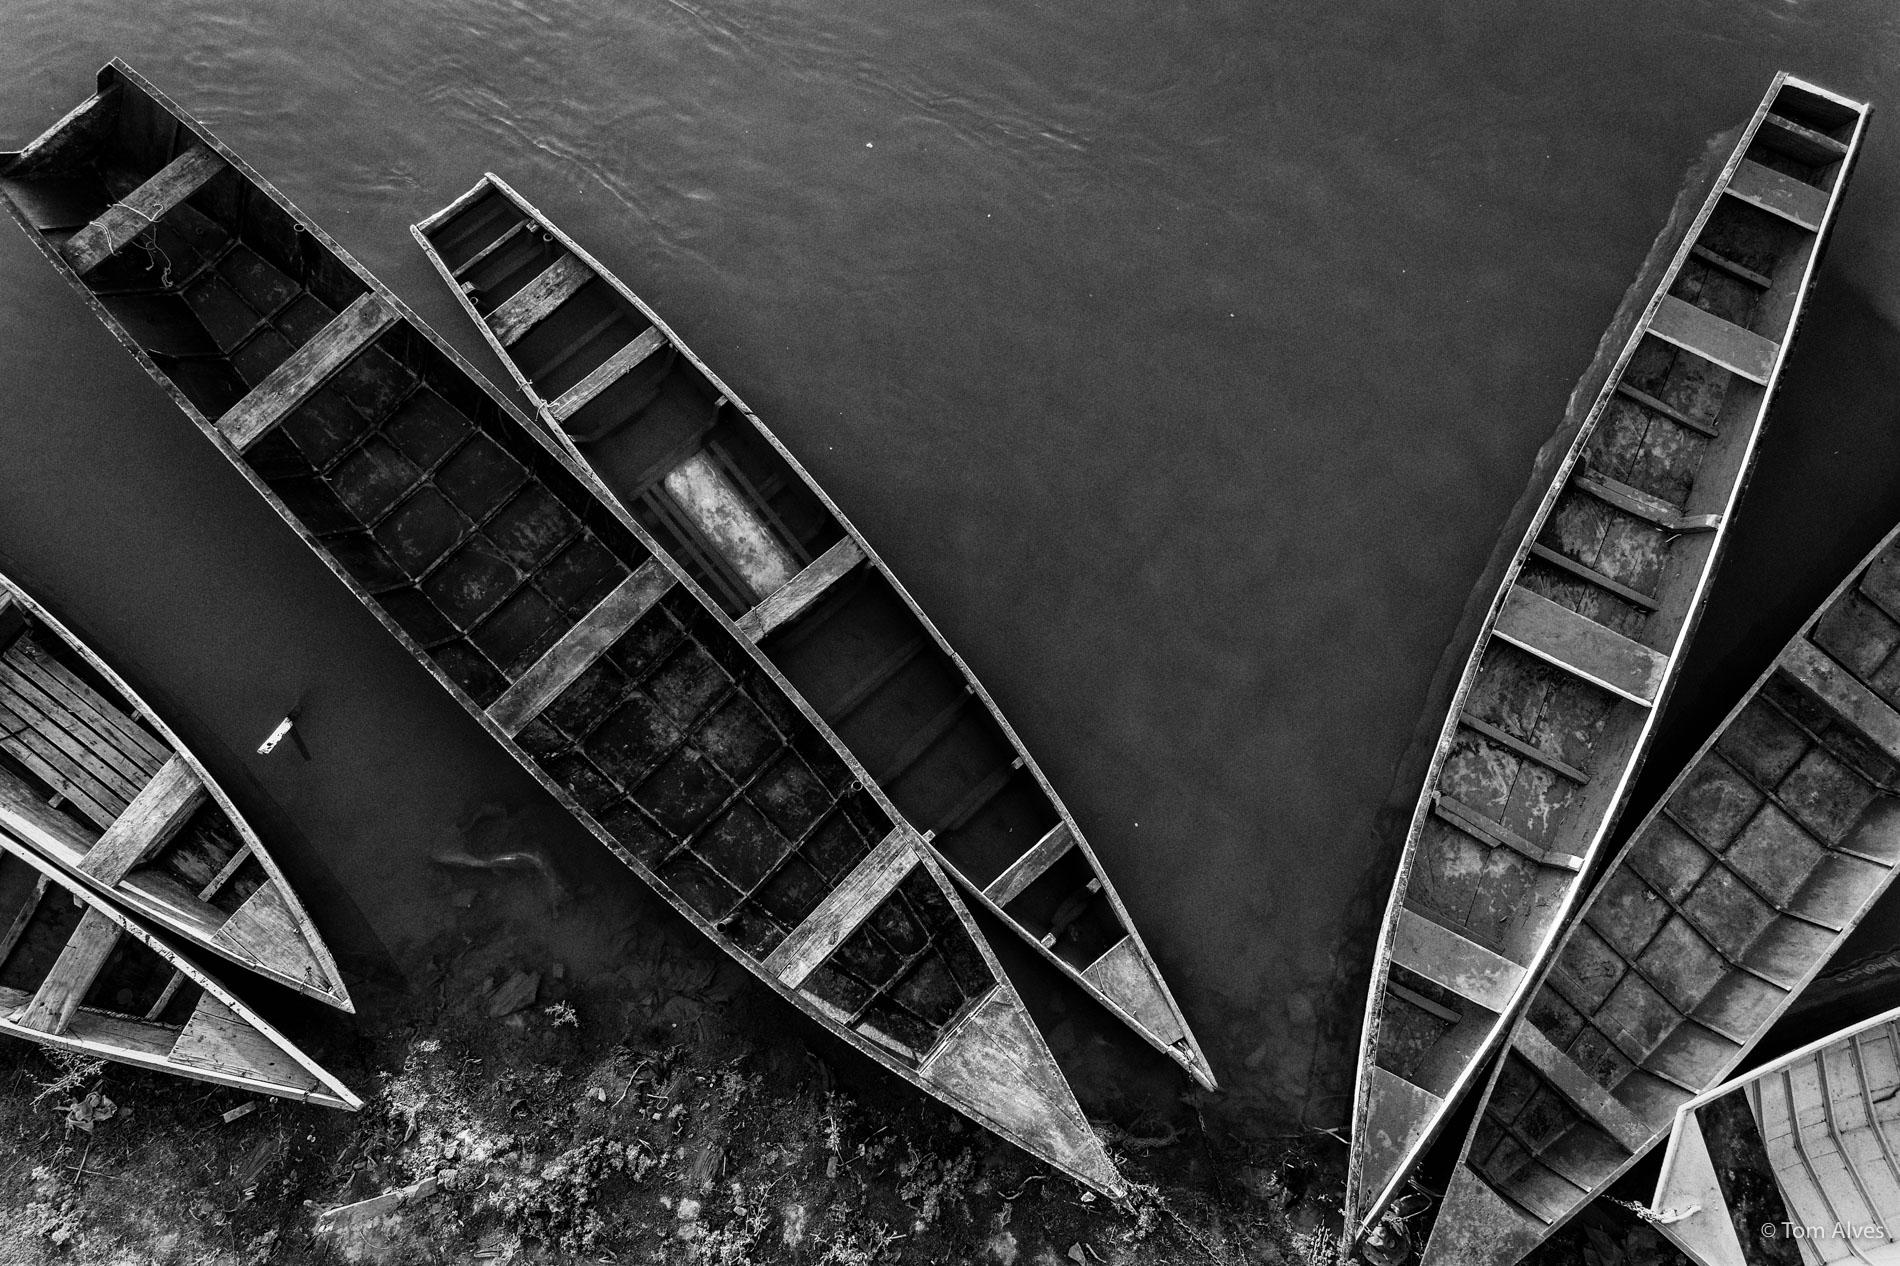 """""""Gostaria de ser um crocodilo vivendo no rio São Francisco. Porque amo os grandes rios, pois são profundos como a alma de um homem. Na superfície são muito vivazes e claros, mas nas profundezas são tranquilos e escuros como o sofrimento dos homens"""".JGR"""